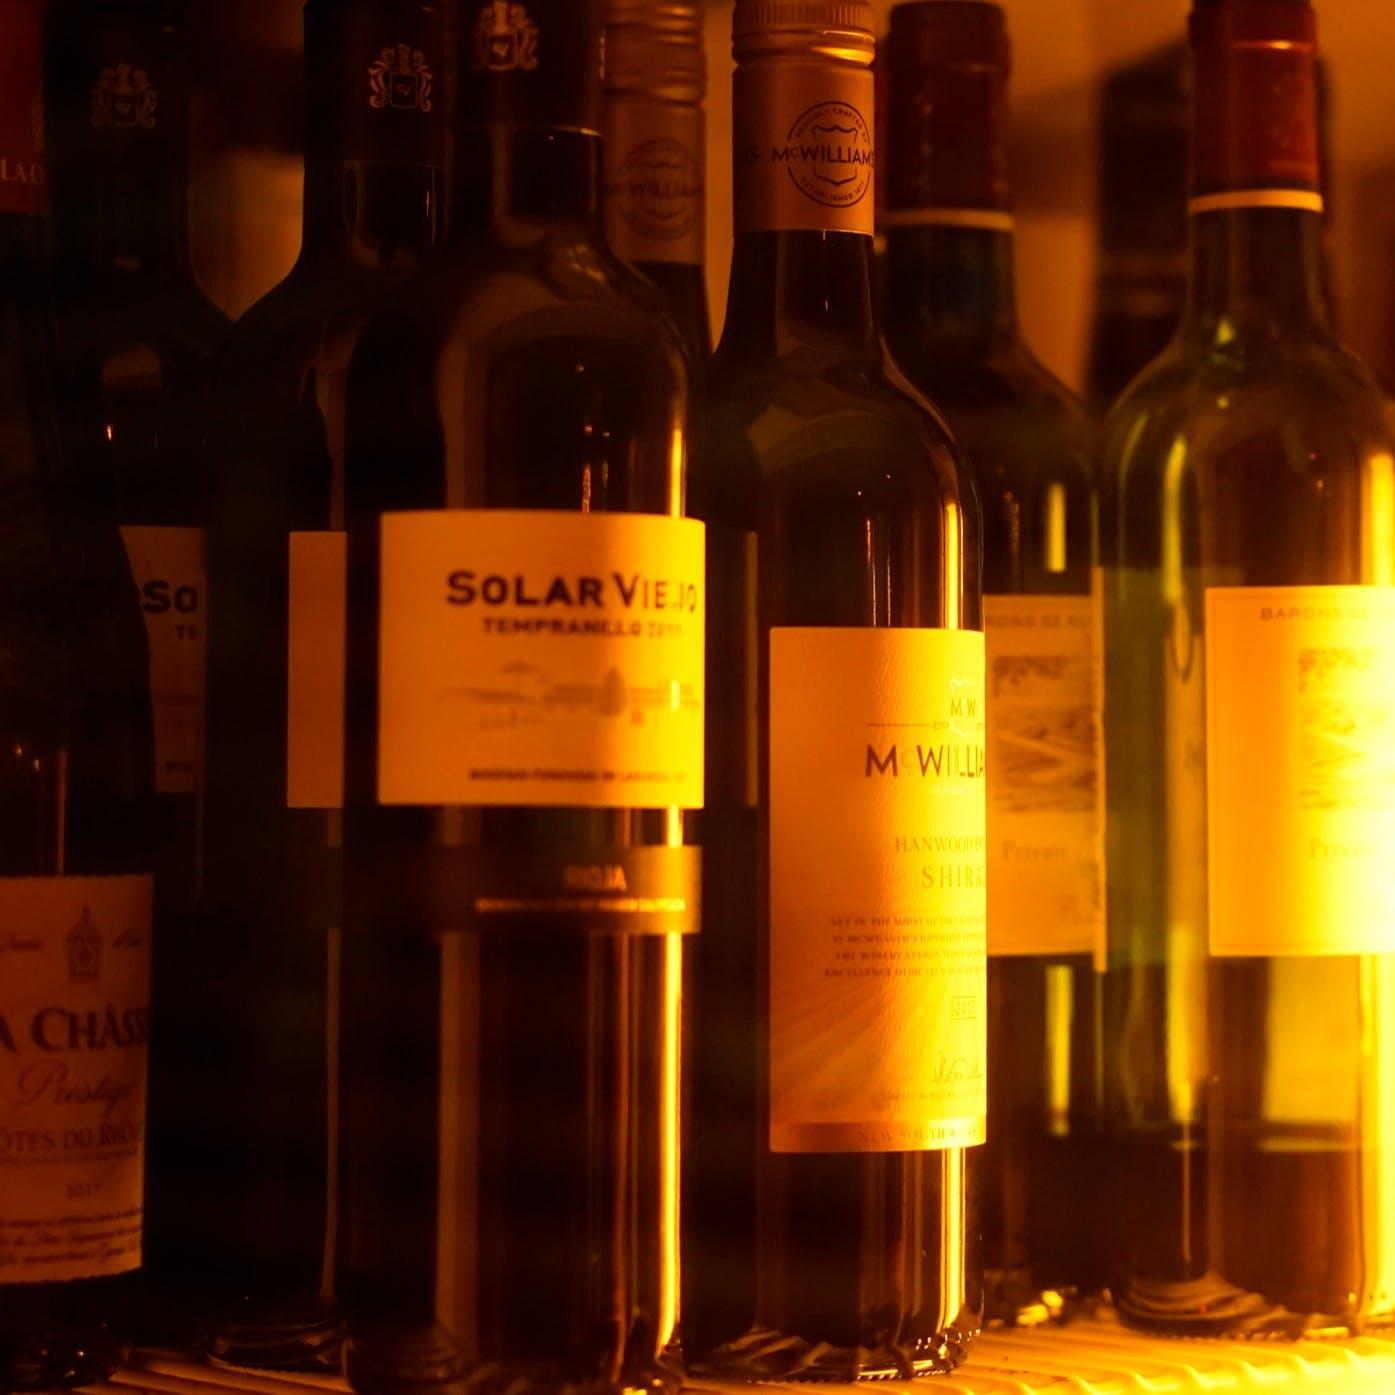 種類豊富なワインをリーズナブルにご提供